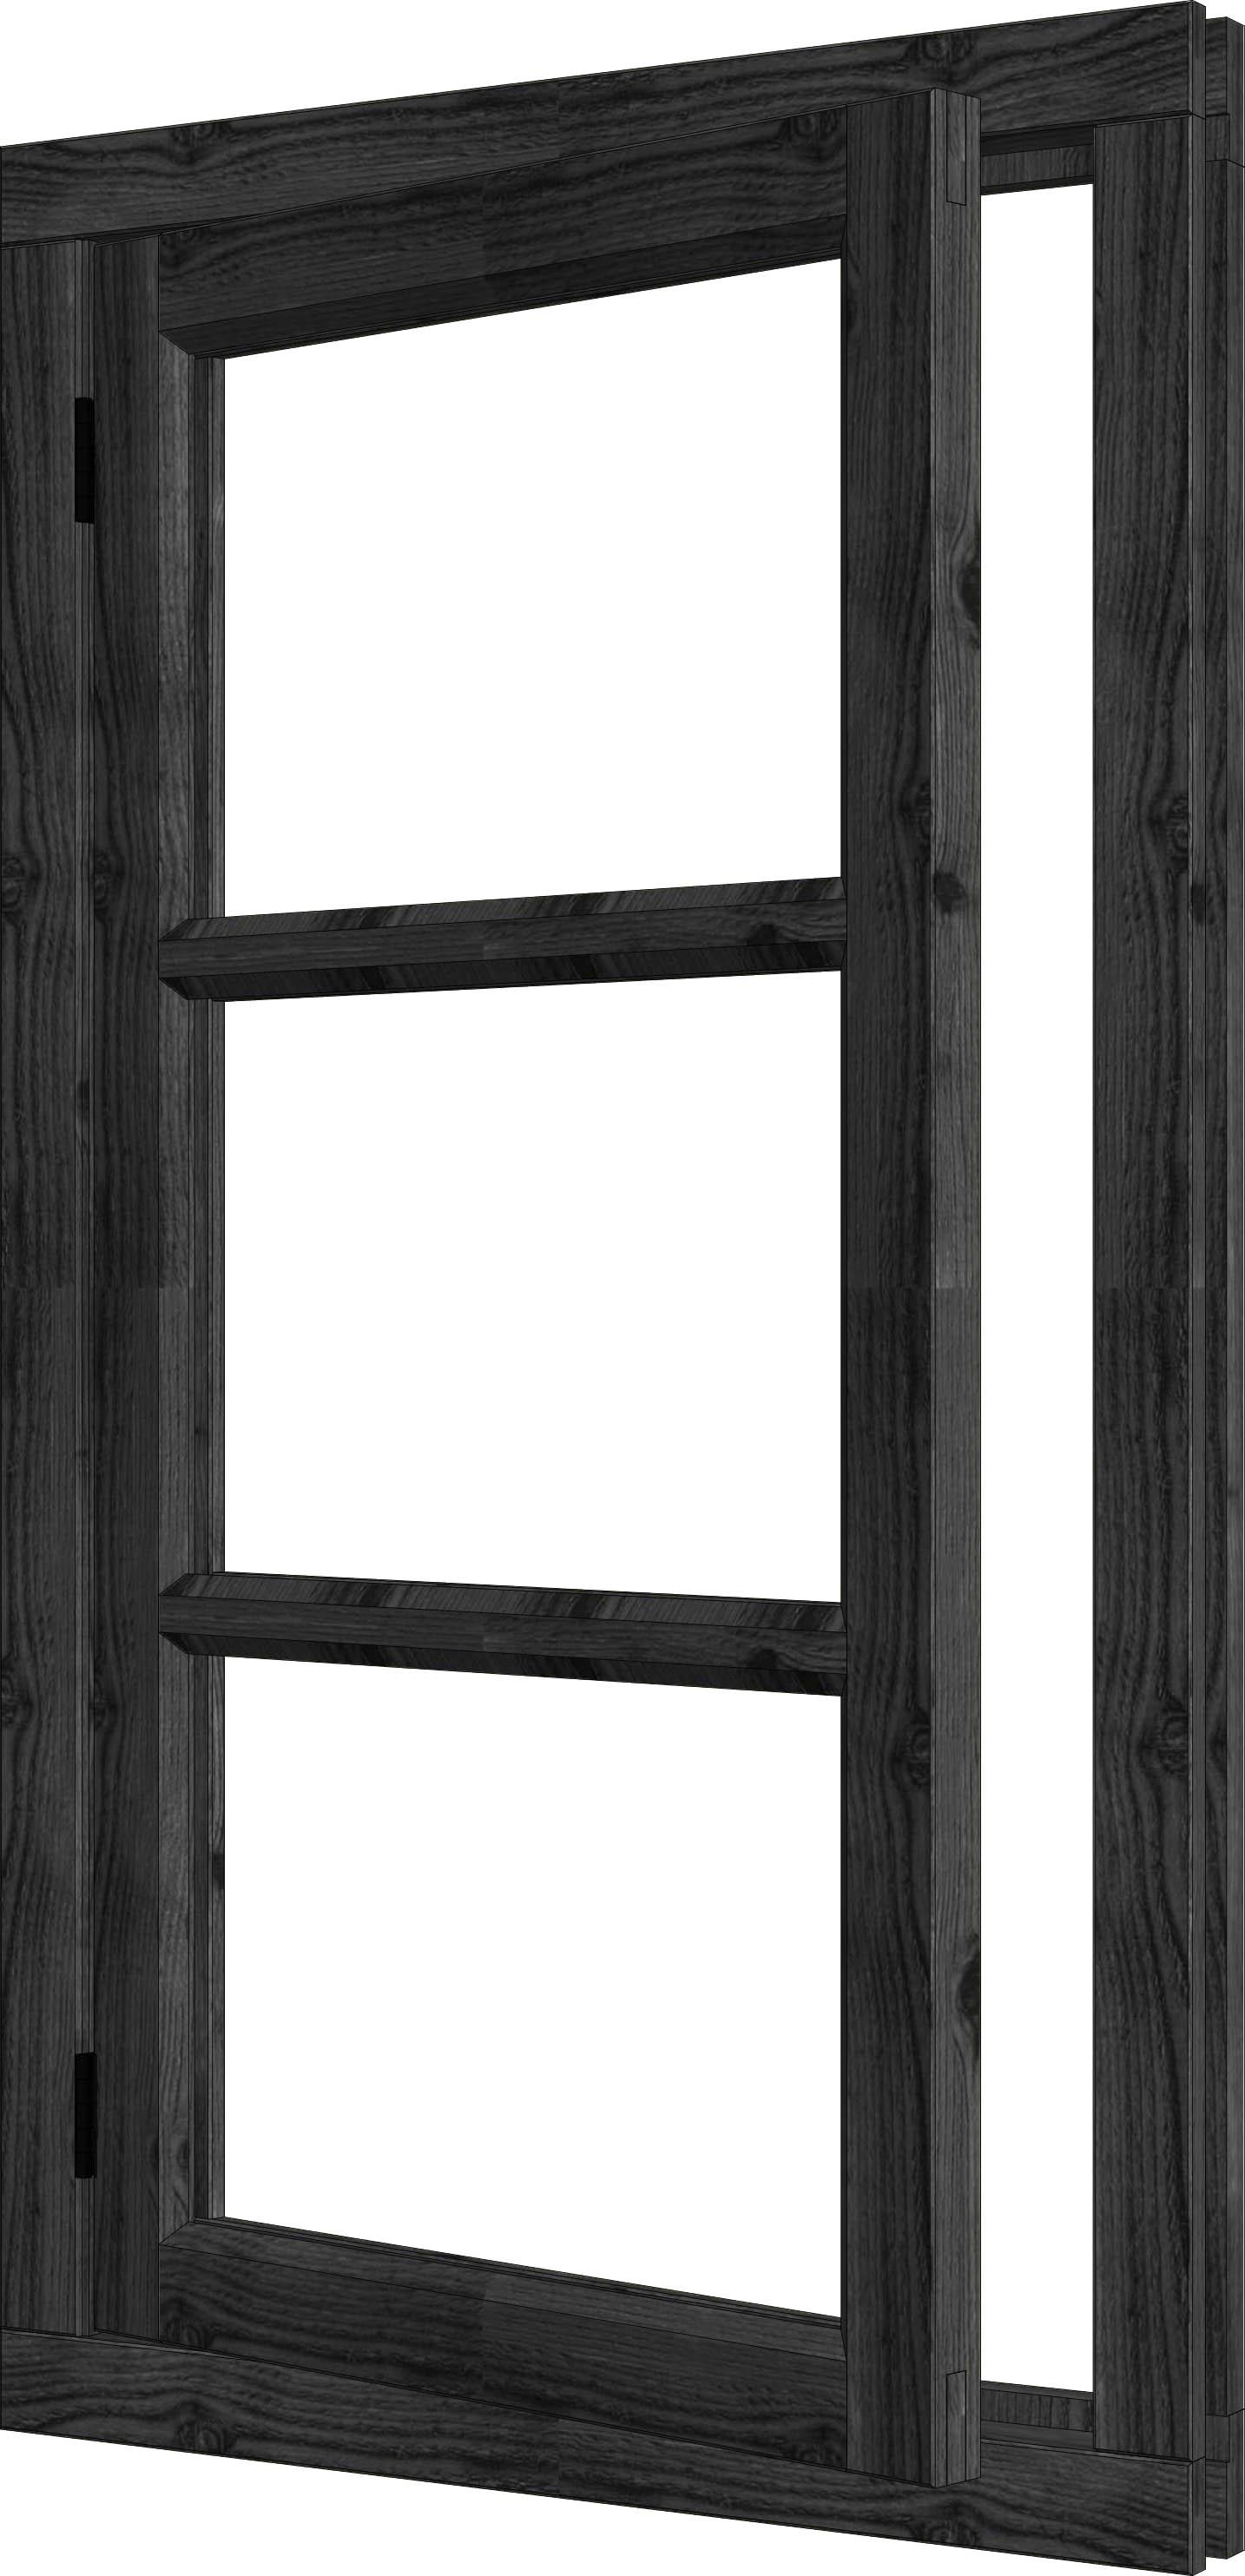 Trendhout | Steel Look Vleugelraam Enkel | U4 Rechtsdraaiend | 80,8 x 143 cm